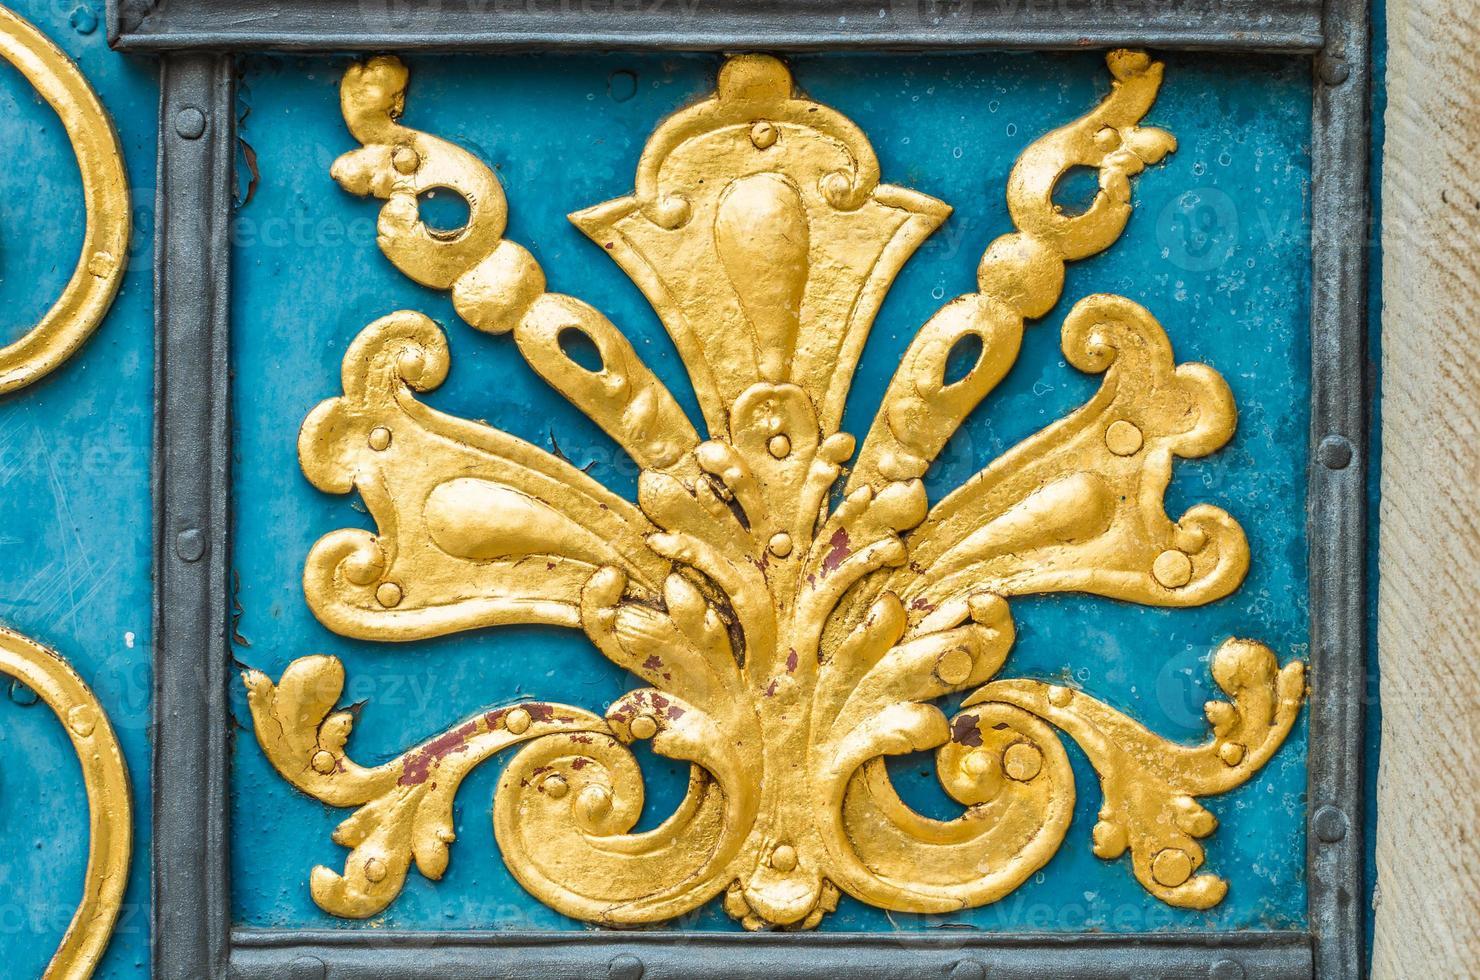 dettaglio della porta blu decorata con ornamenti dorati foto